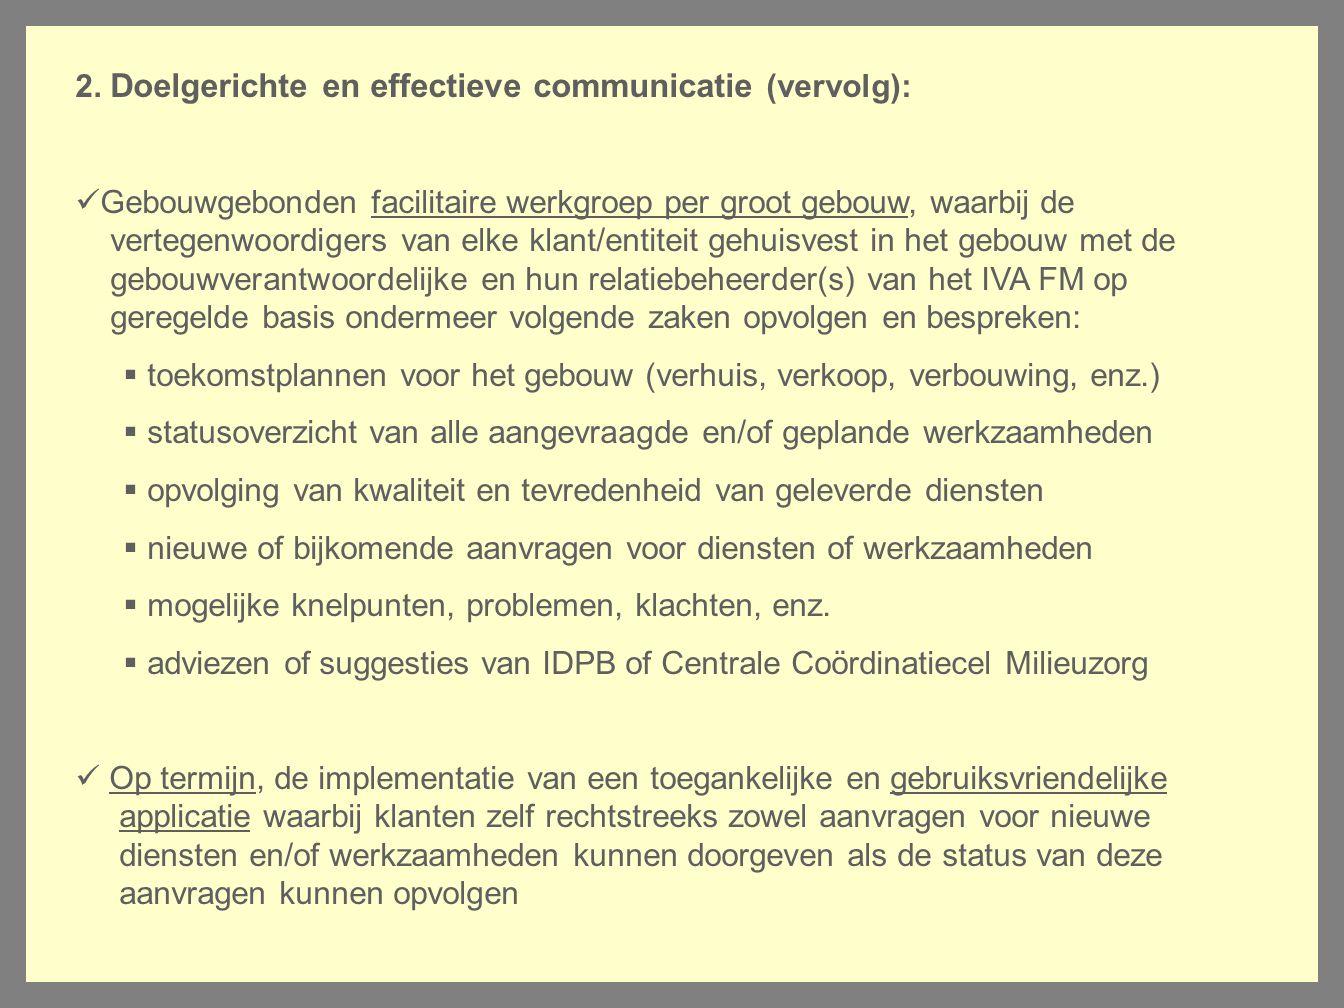 2. Doelgerichte en effectieve communicatie (vervolg):